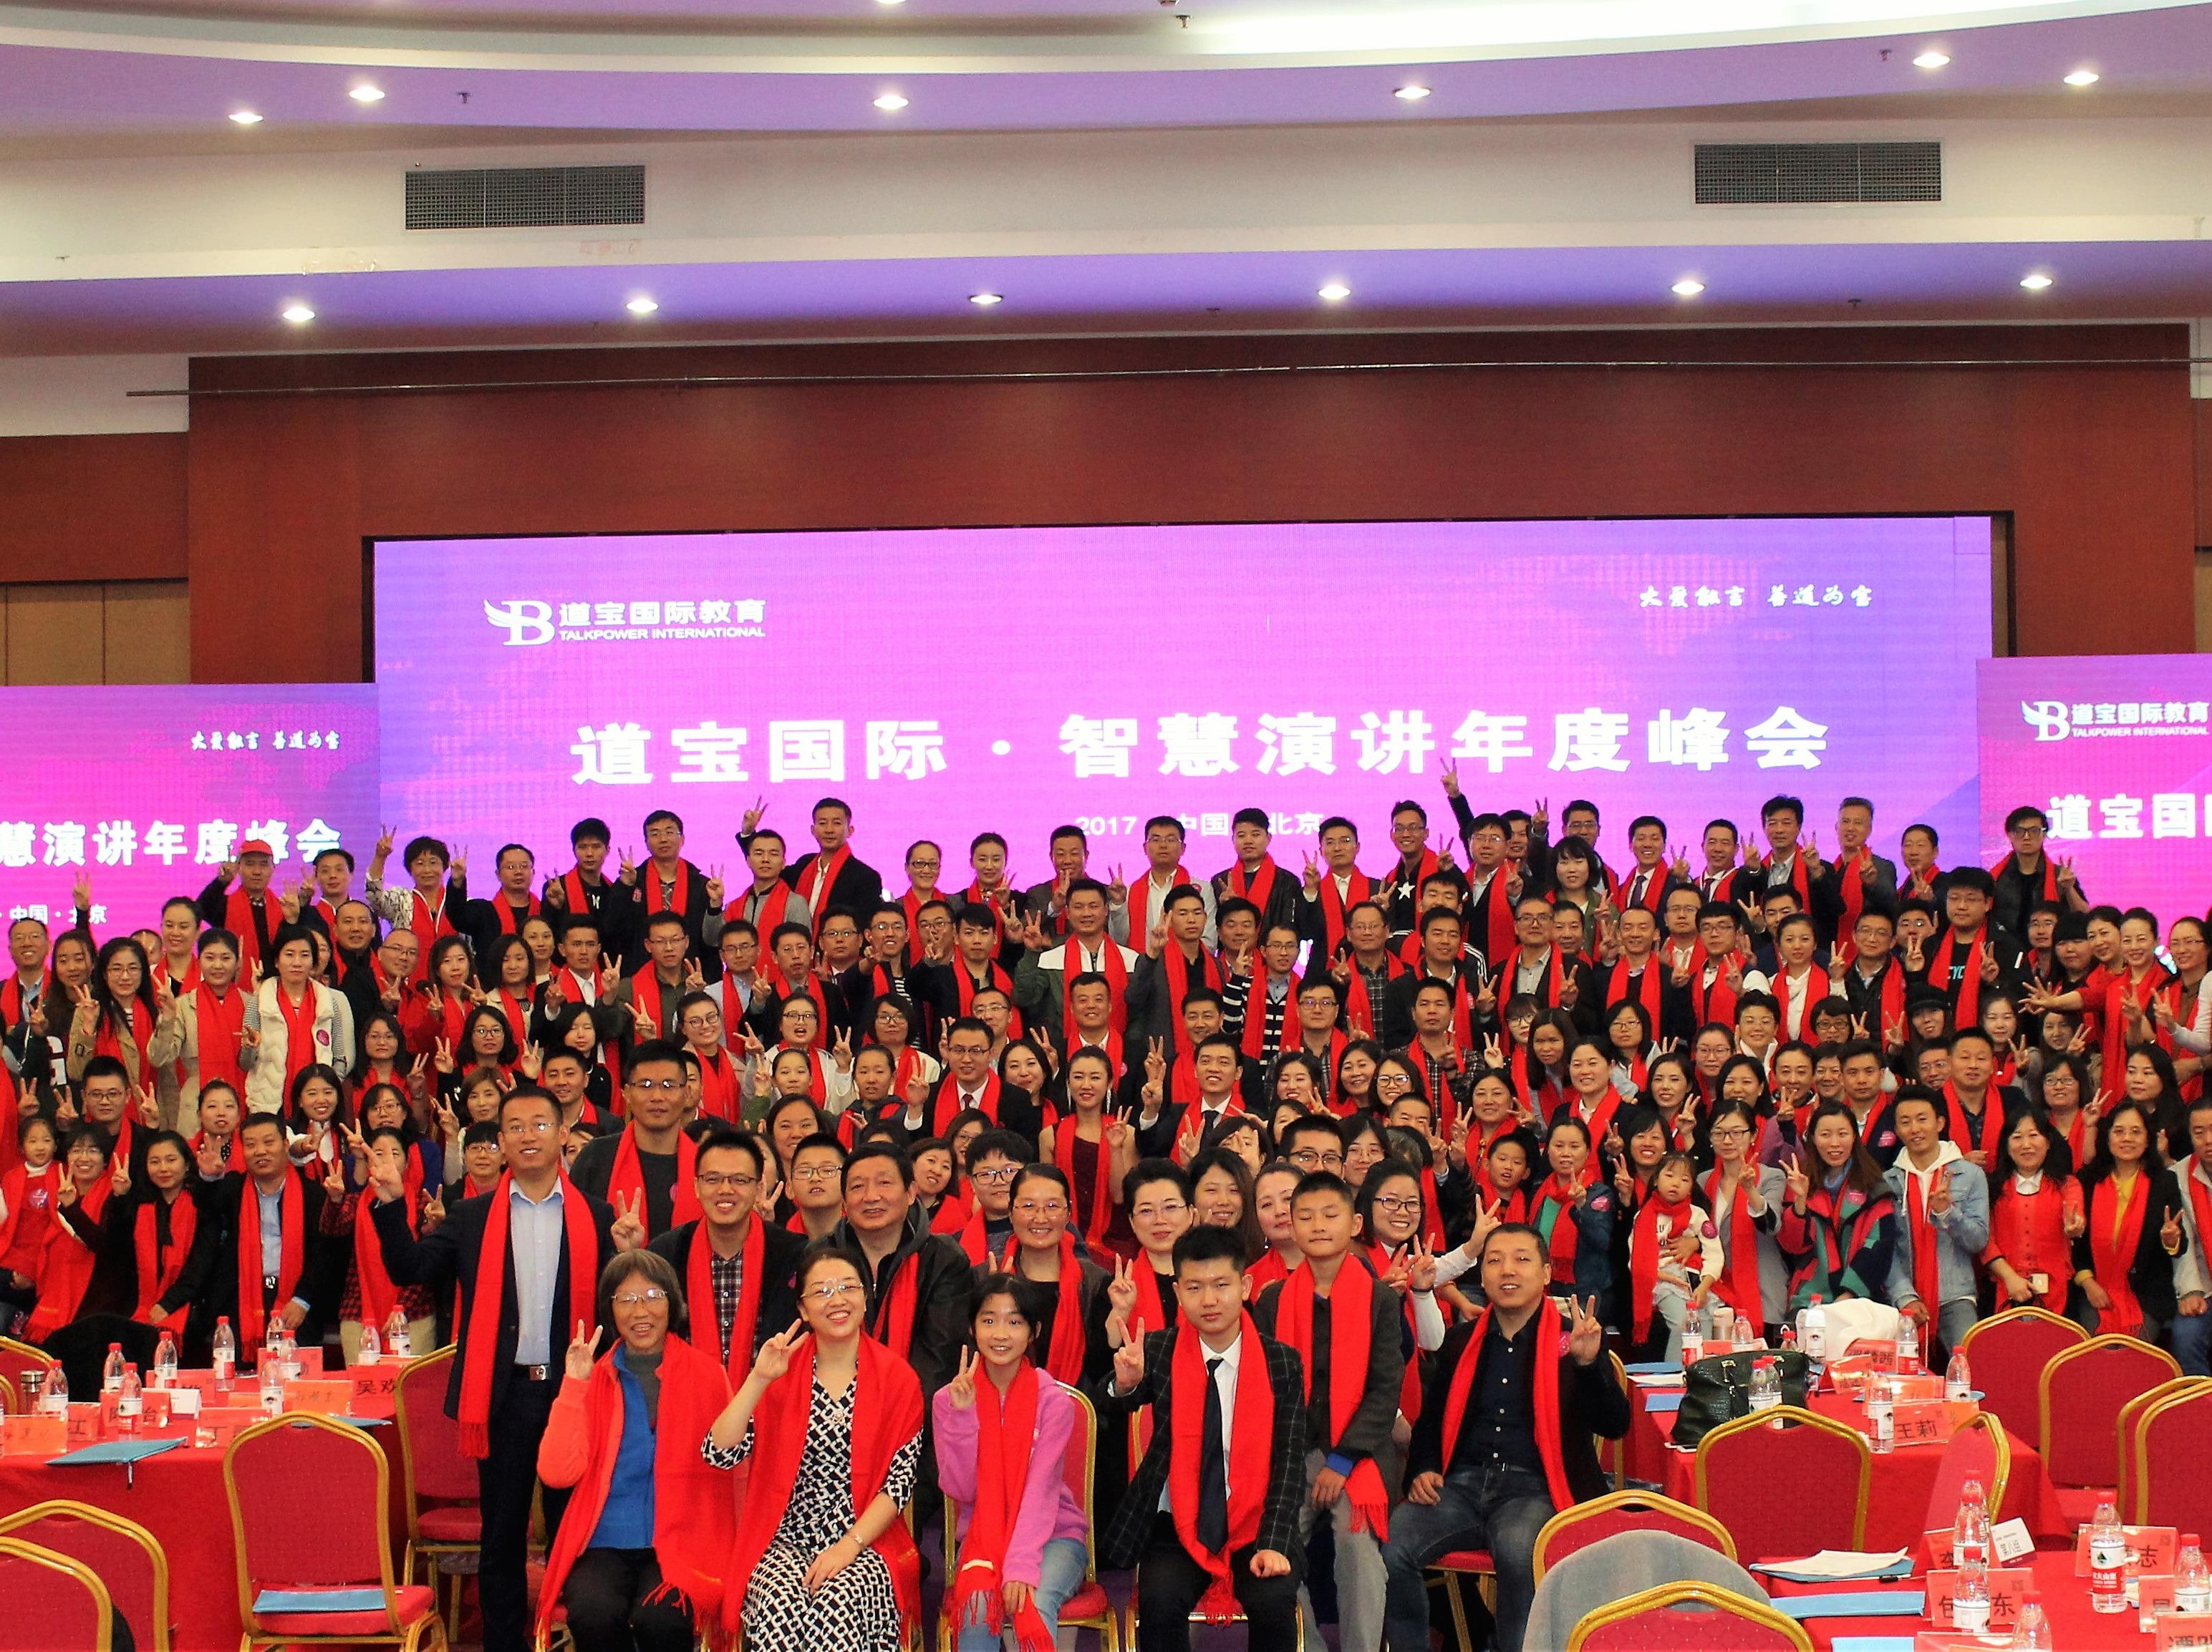 10月20日 周二  智慧演讲年度峰会